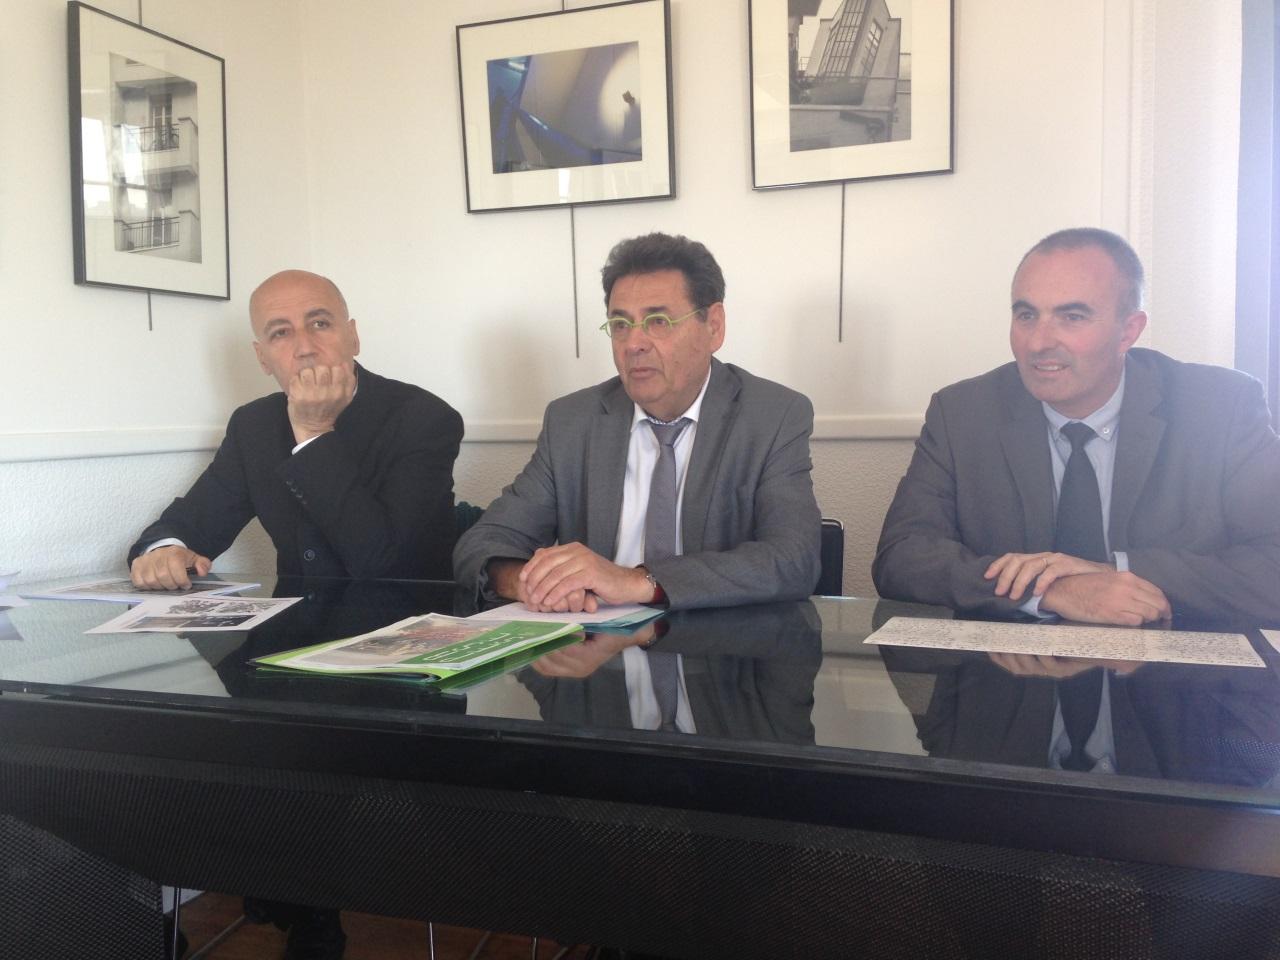 Conférence de presse sur le projet urbain Gratte-Ciel Centre Ville, Nicolas Michelin, Jean-Paul Bret et Michel Le Faou (de gauche à droite) - LyonMag